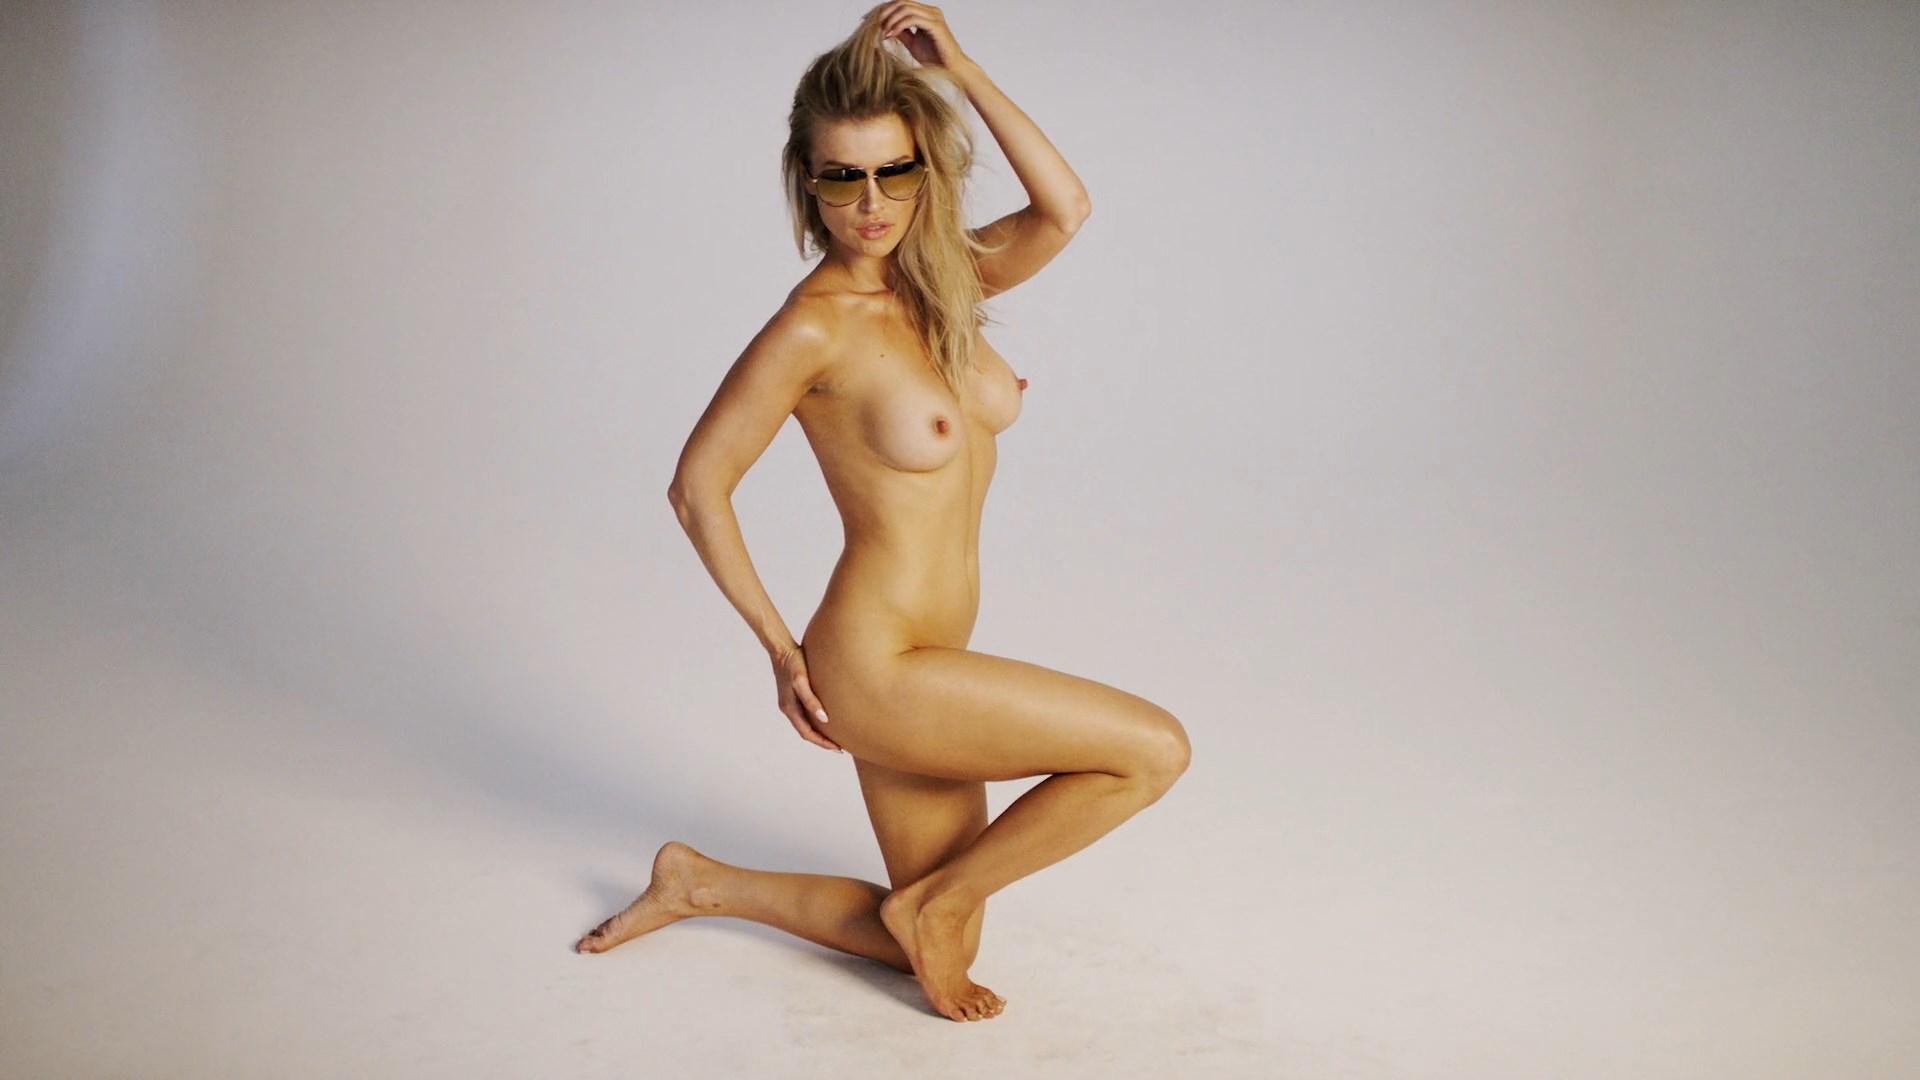 Naked Uploads